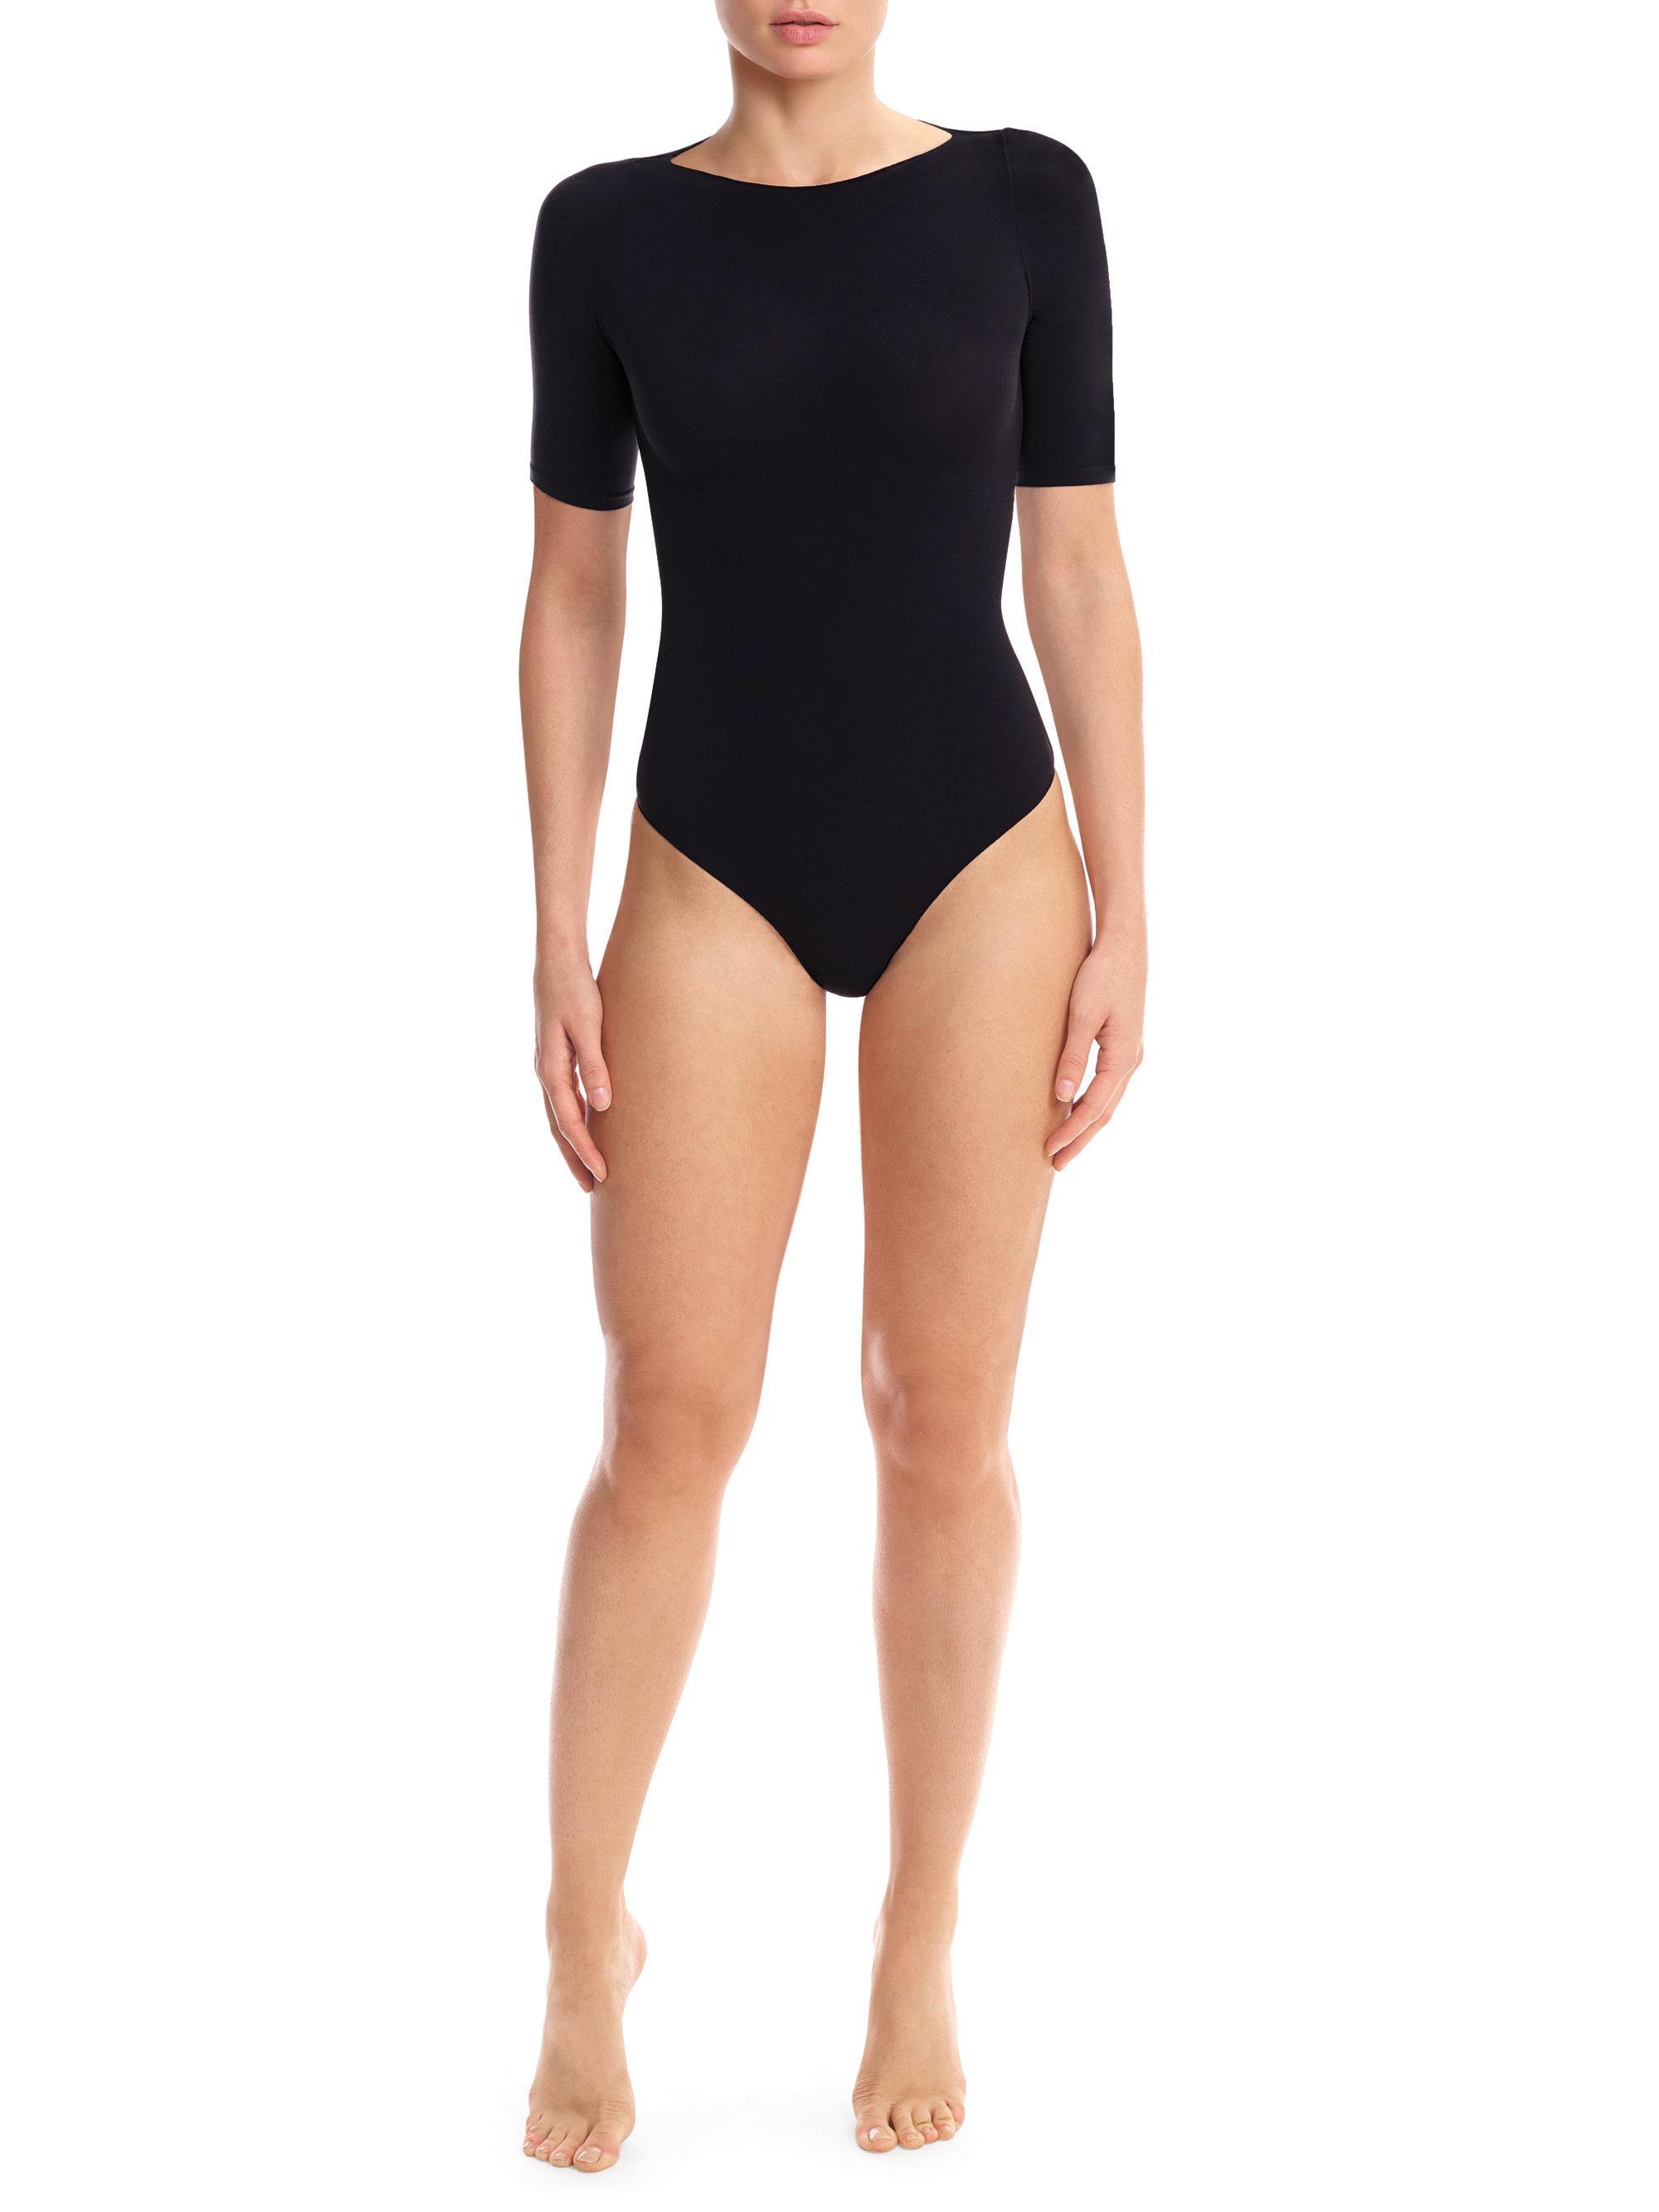 Commando Ballet Body Boatneck Bodysuit ad4AZVz05